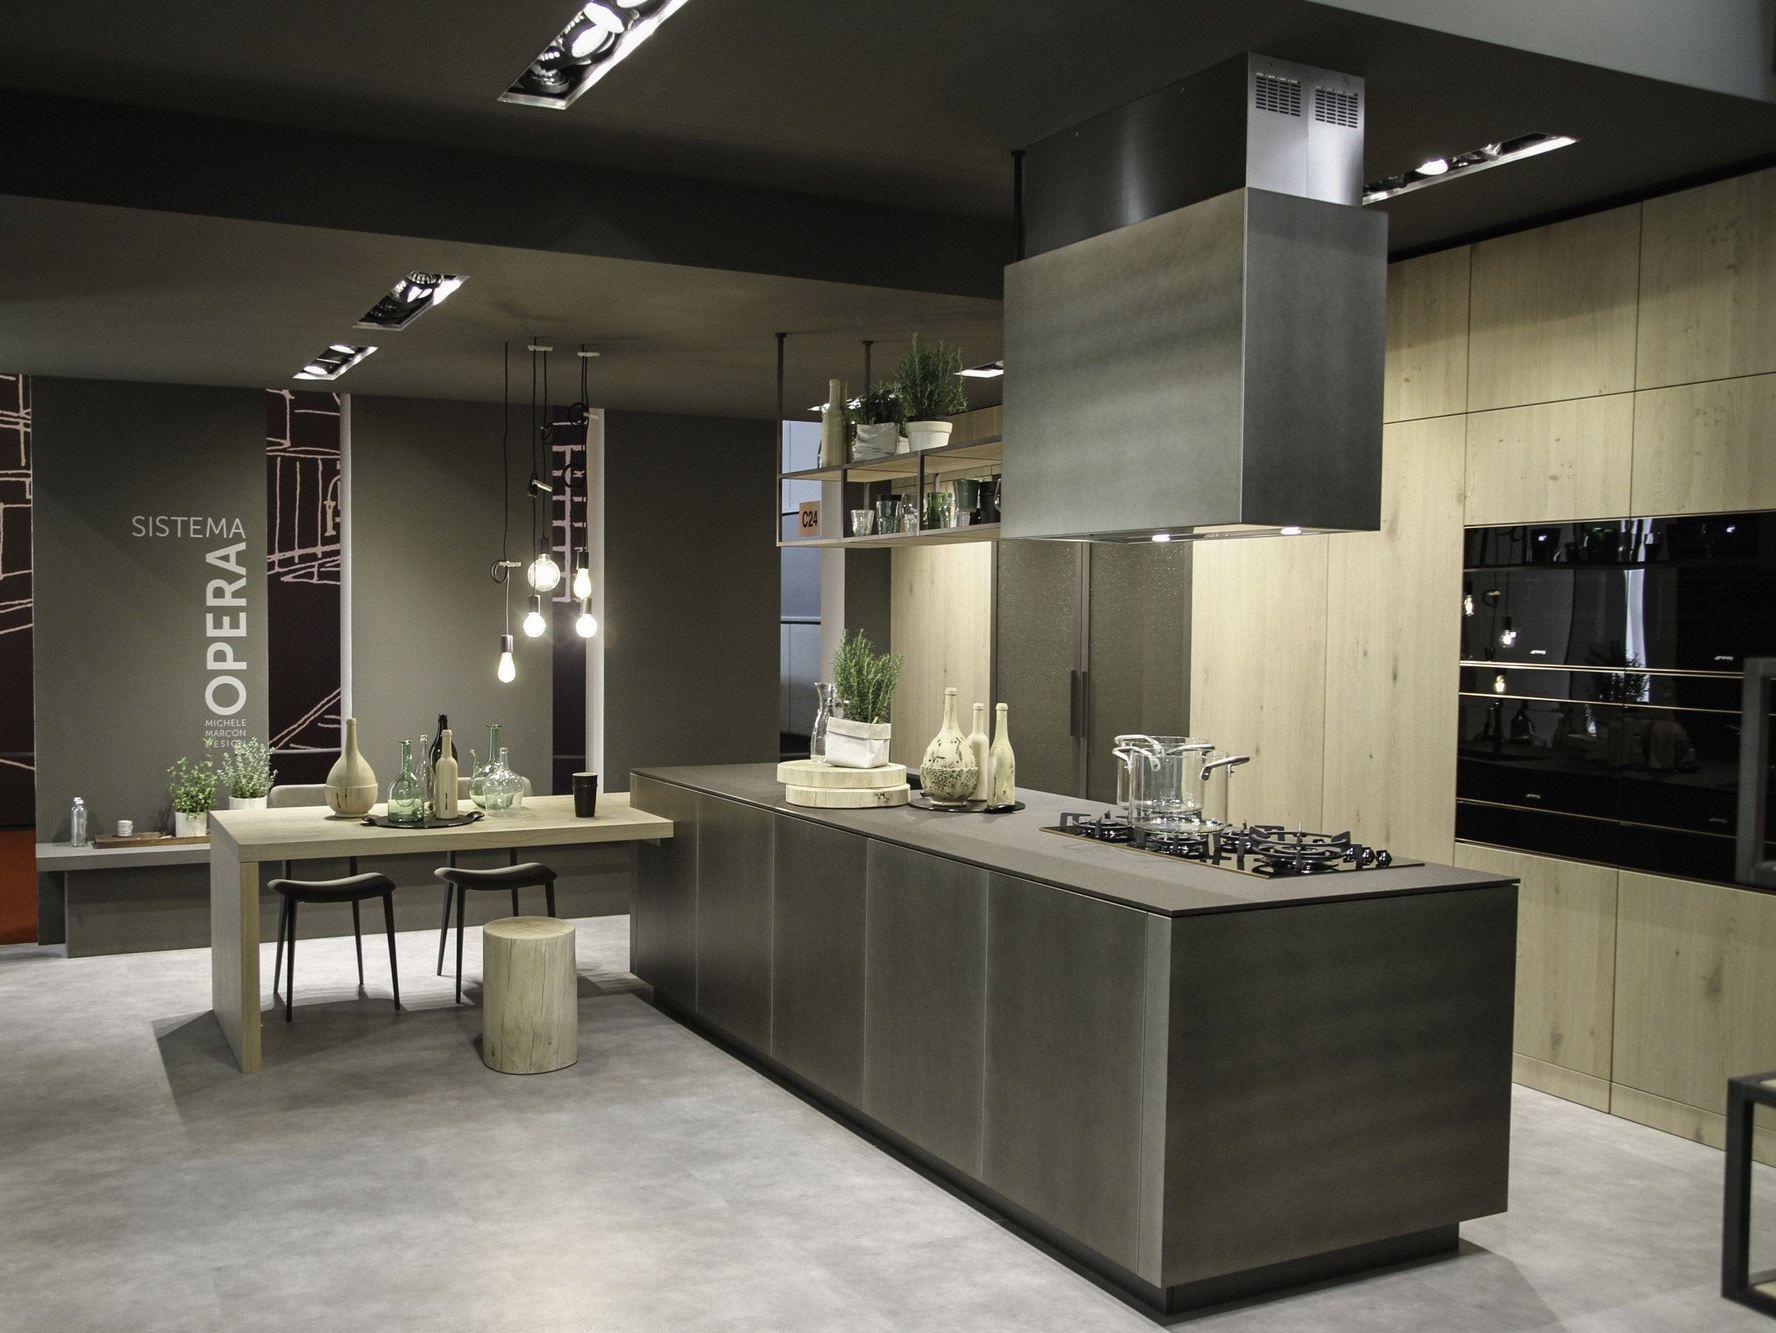 Cucina Snaidero Ola 20 Prezzo. Stunning Cucina Ola Snaidero Ideas ...